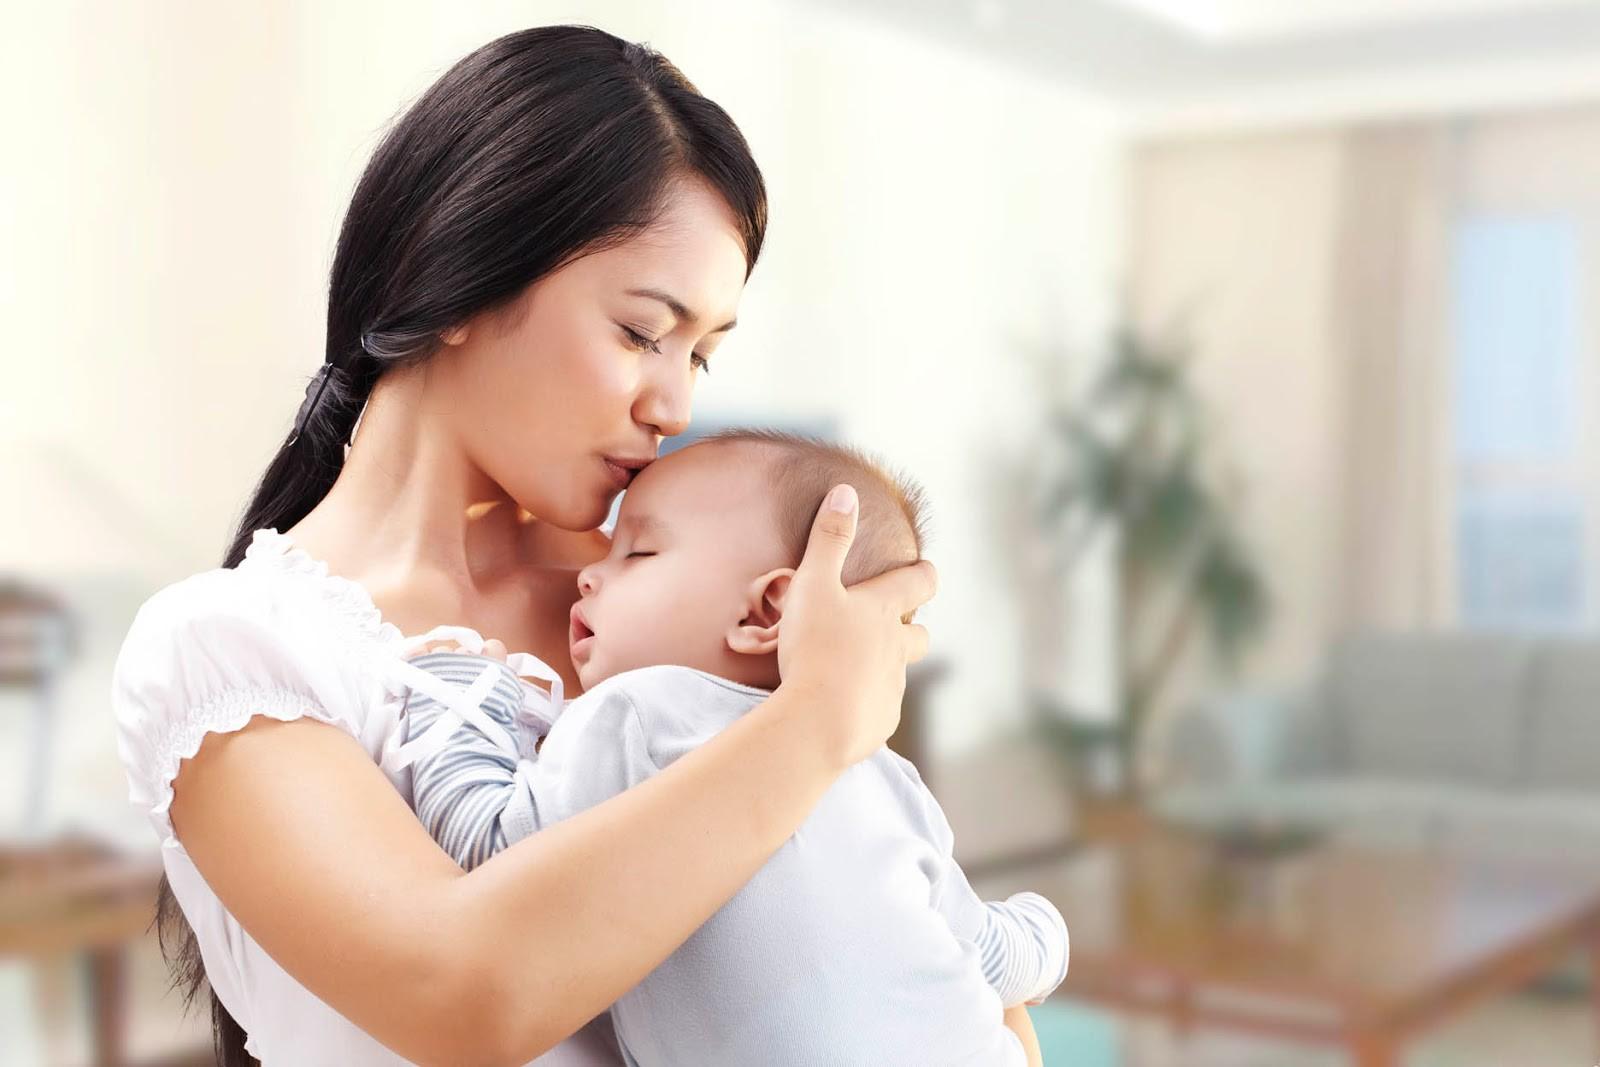 kesehatan-ibu-dan-anak-1531391483182625268894.jpg